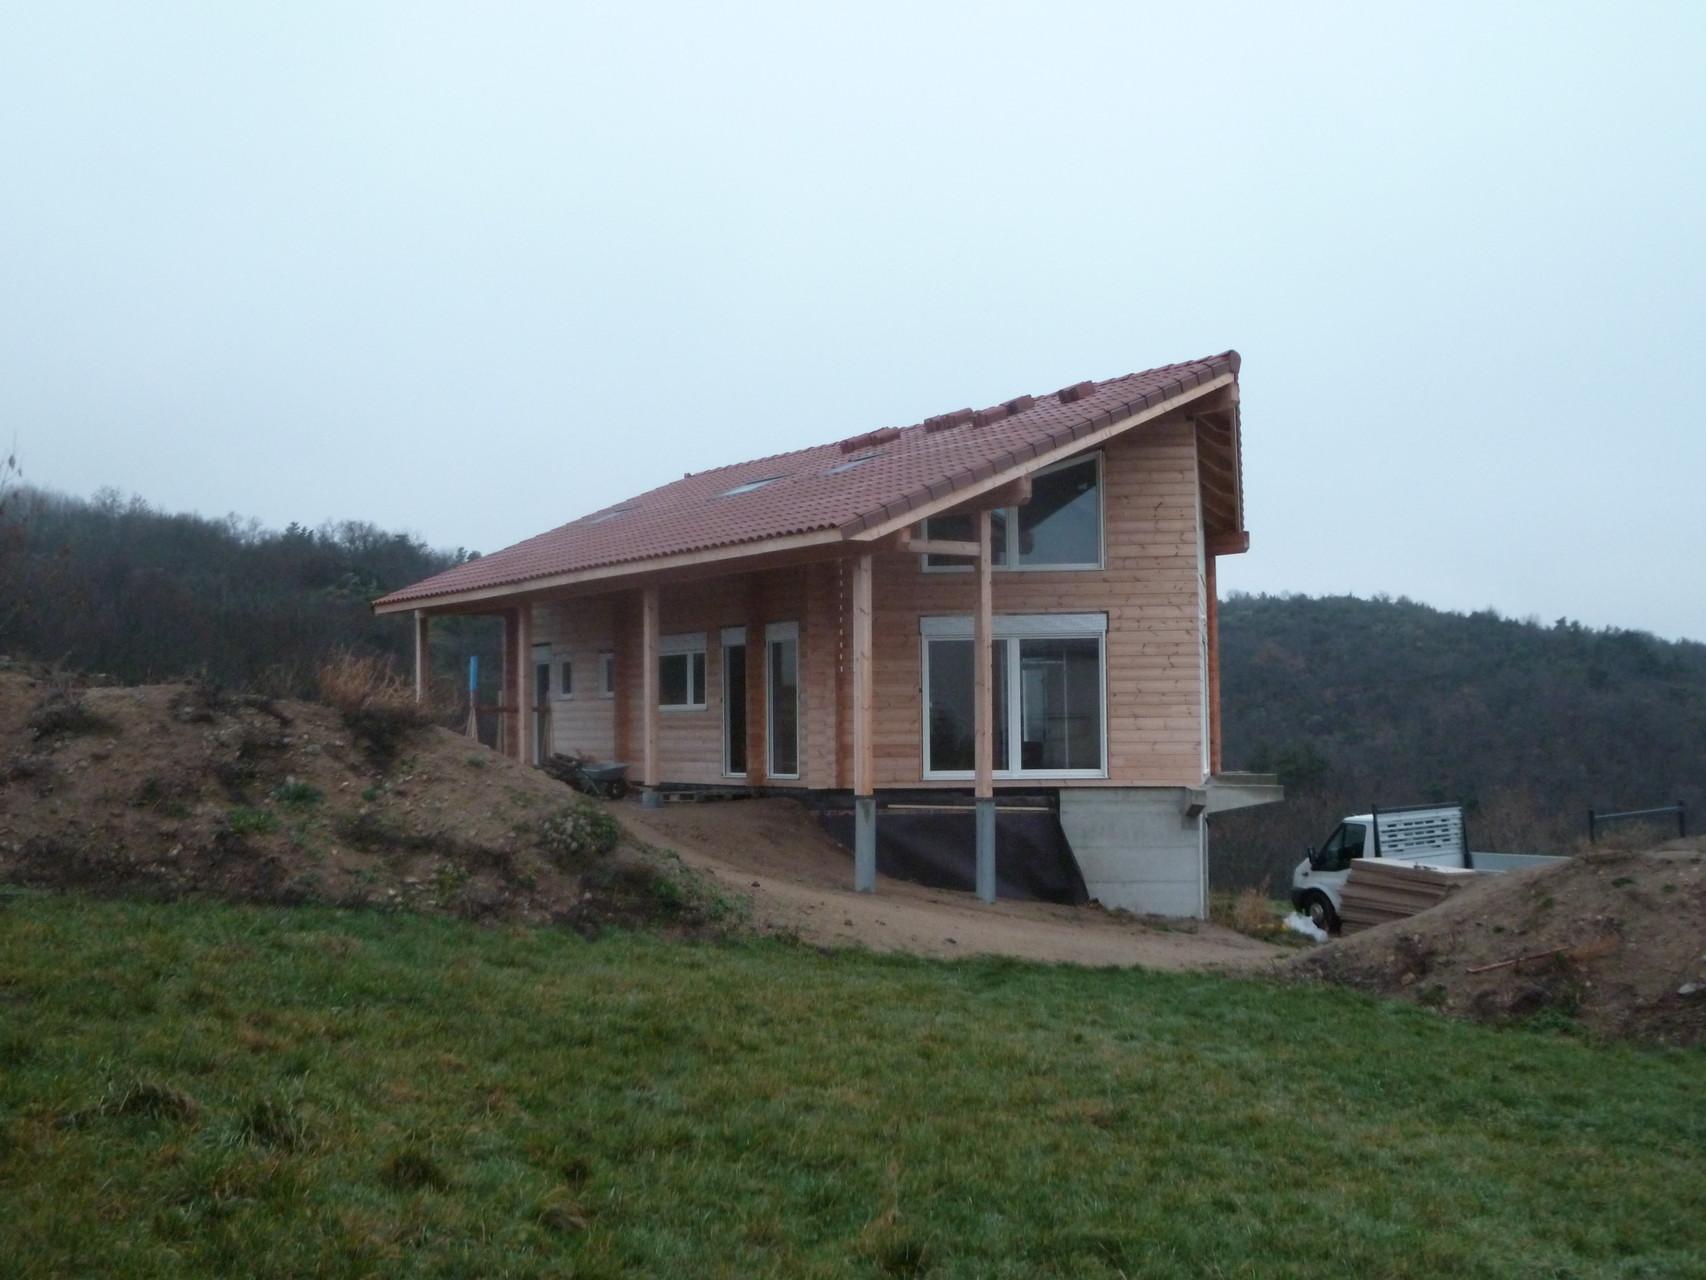 Maisons bois, Clermont ferrand, Auvergne,63 castor bois construction # Maison Bois Auvergne